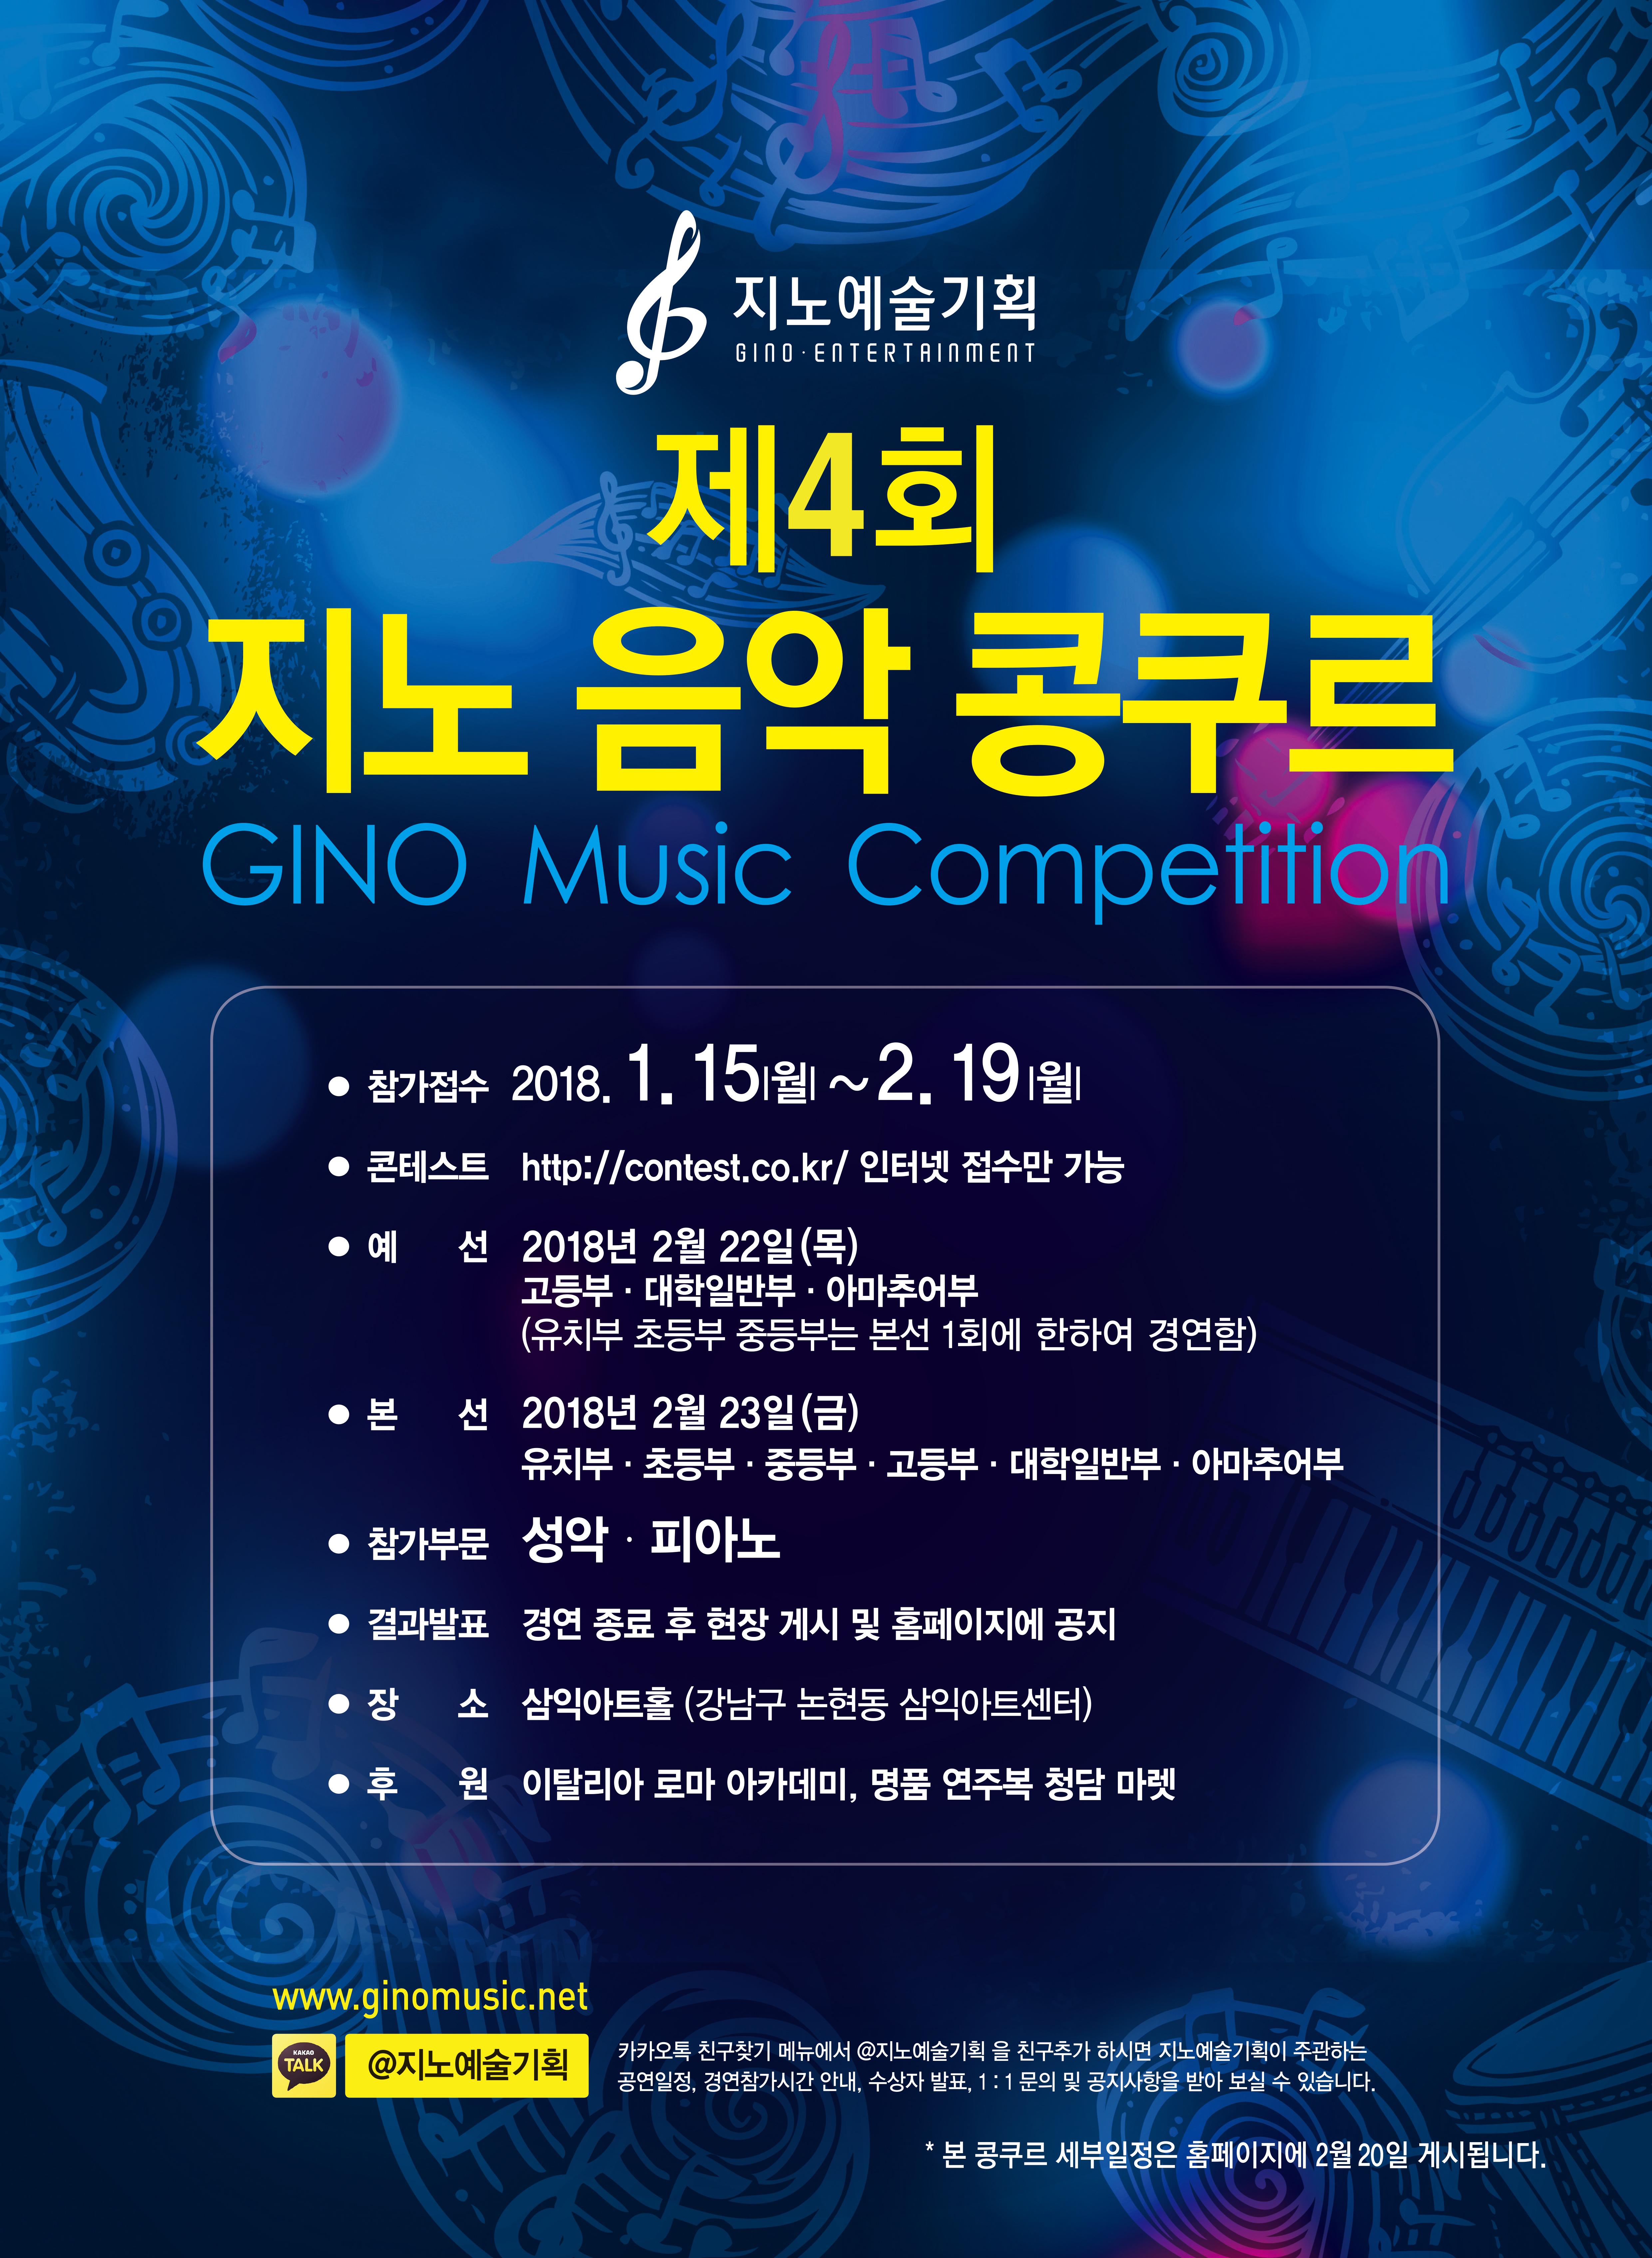 제4회 지노 음악 콩쿠르